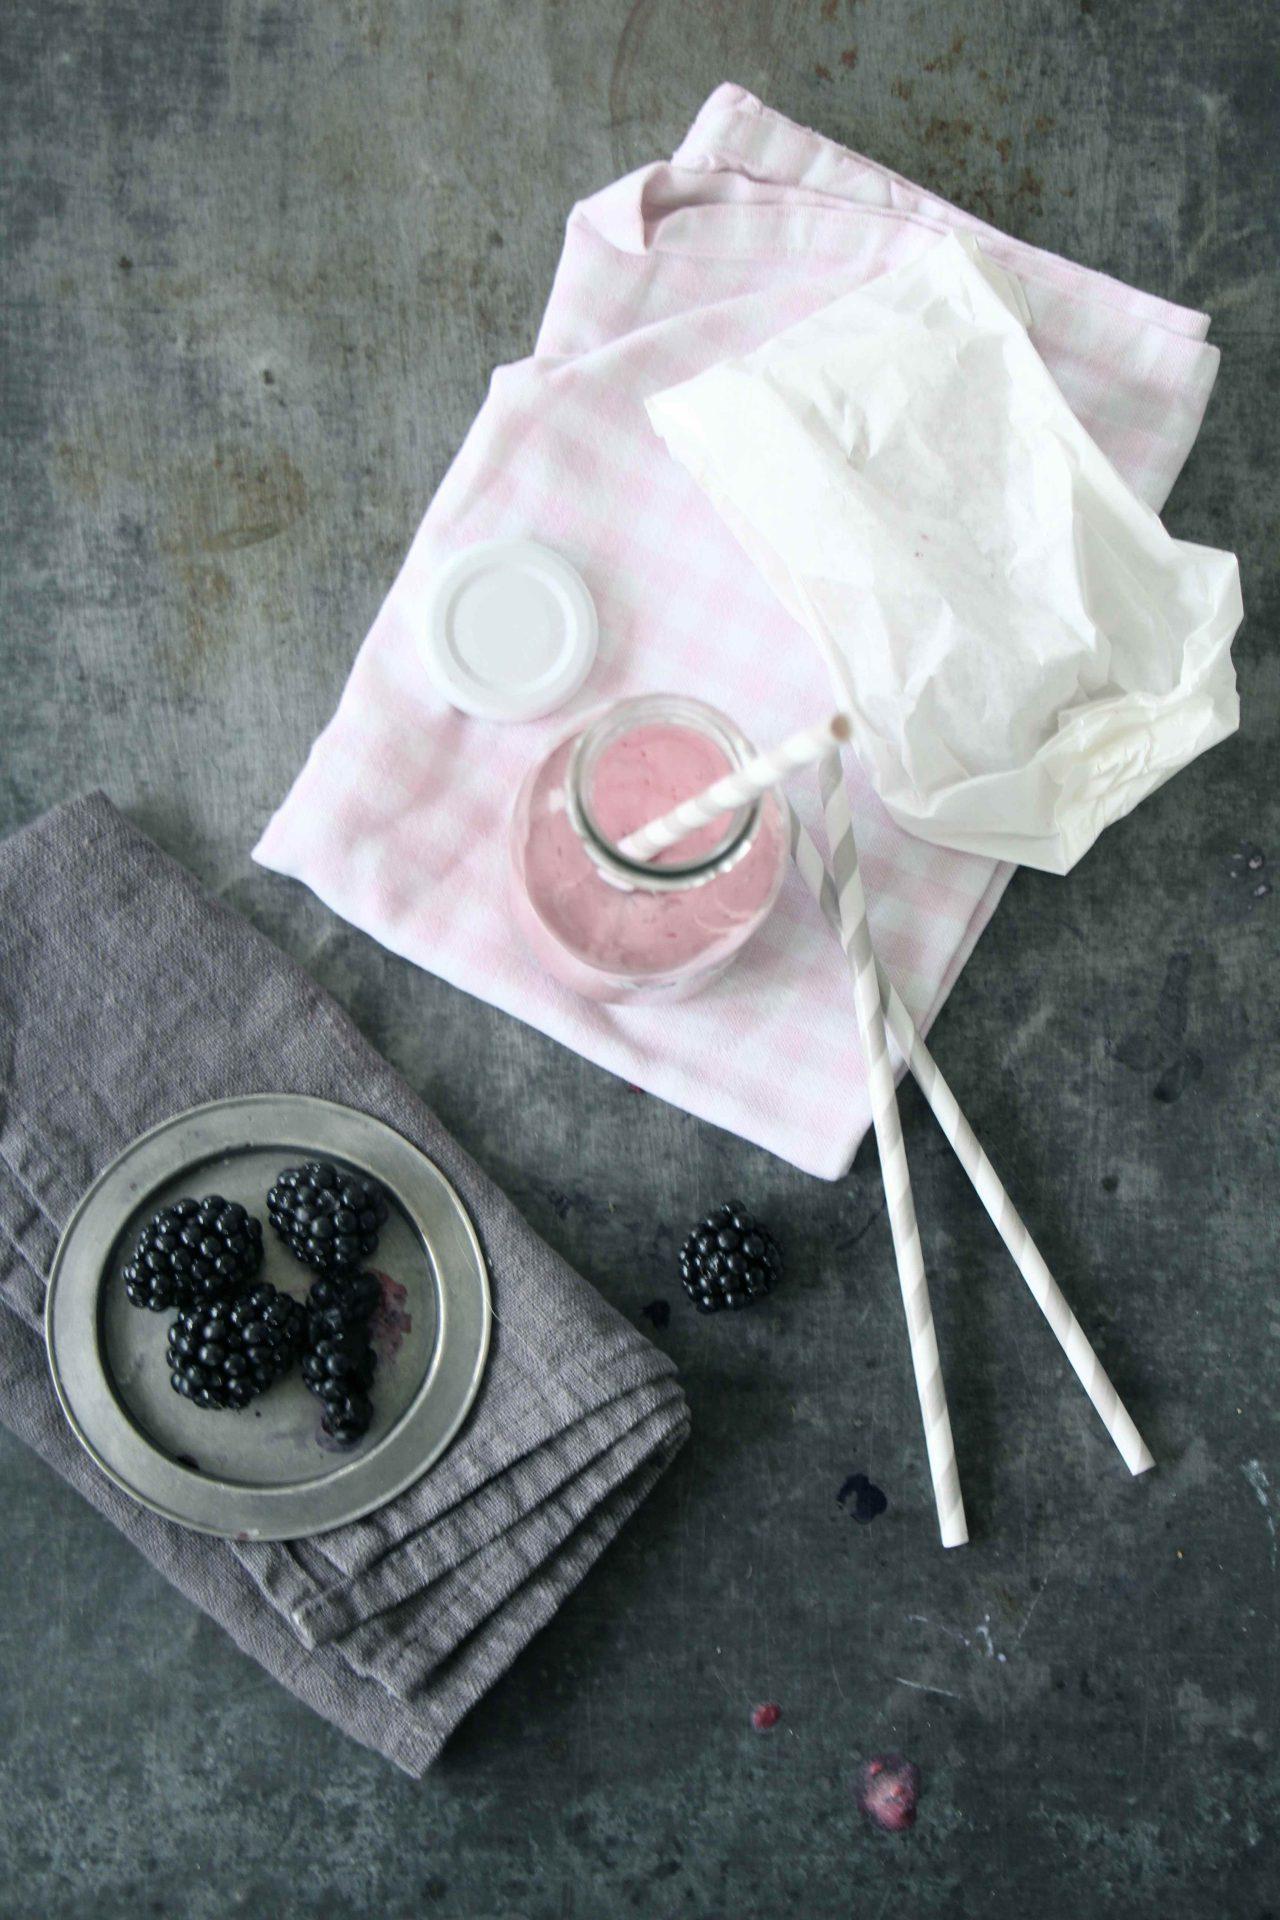 Smoothie Rezept mit frischen Beeren: einfach, schnell, lecker #frühstück #frühstückimbett #smoothie #beeren #rezepte #einfach #schnell #lecker